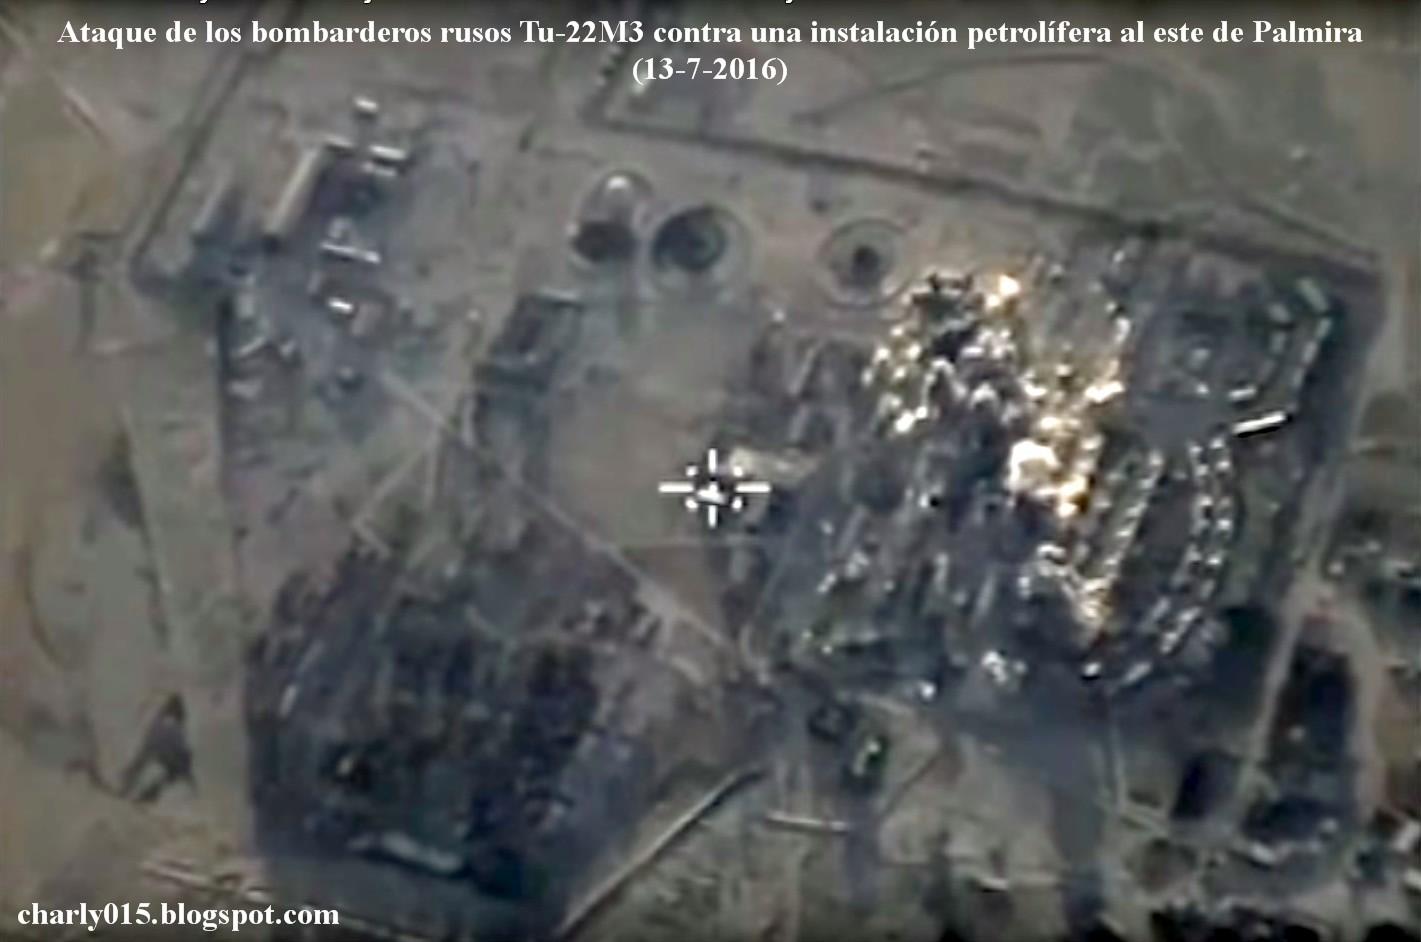 Картинки по запросу ataque 2016-7-12 impactos primer lanzamiento a